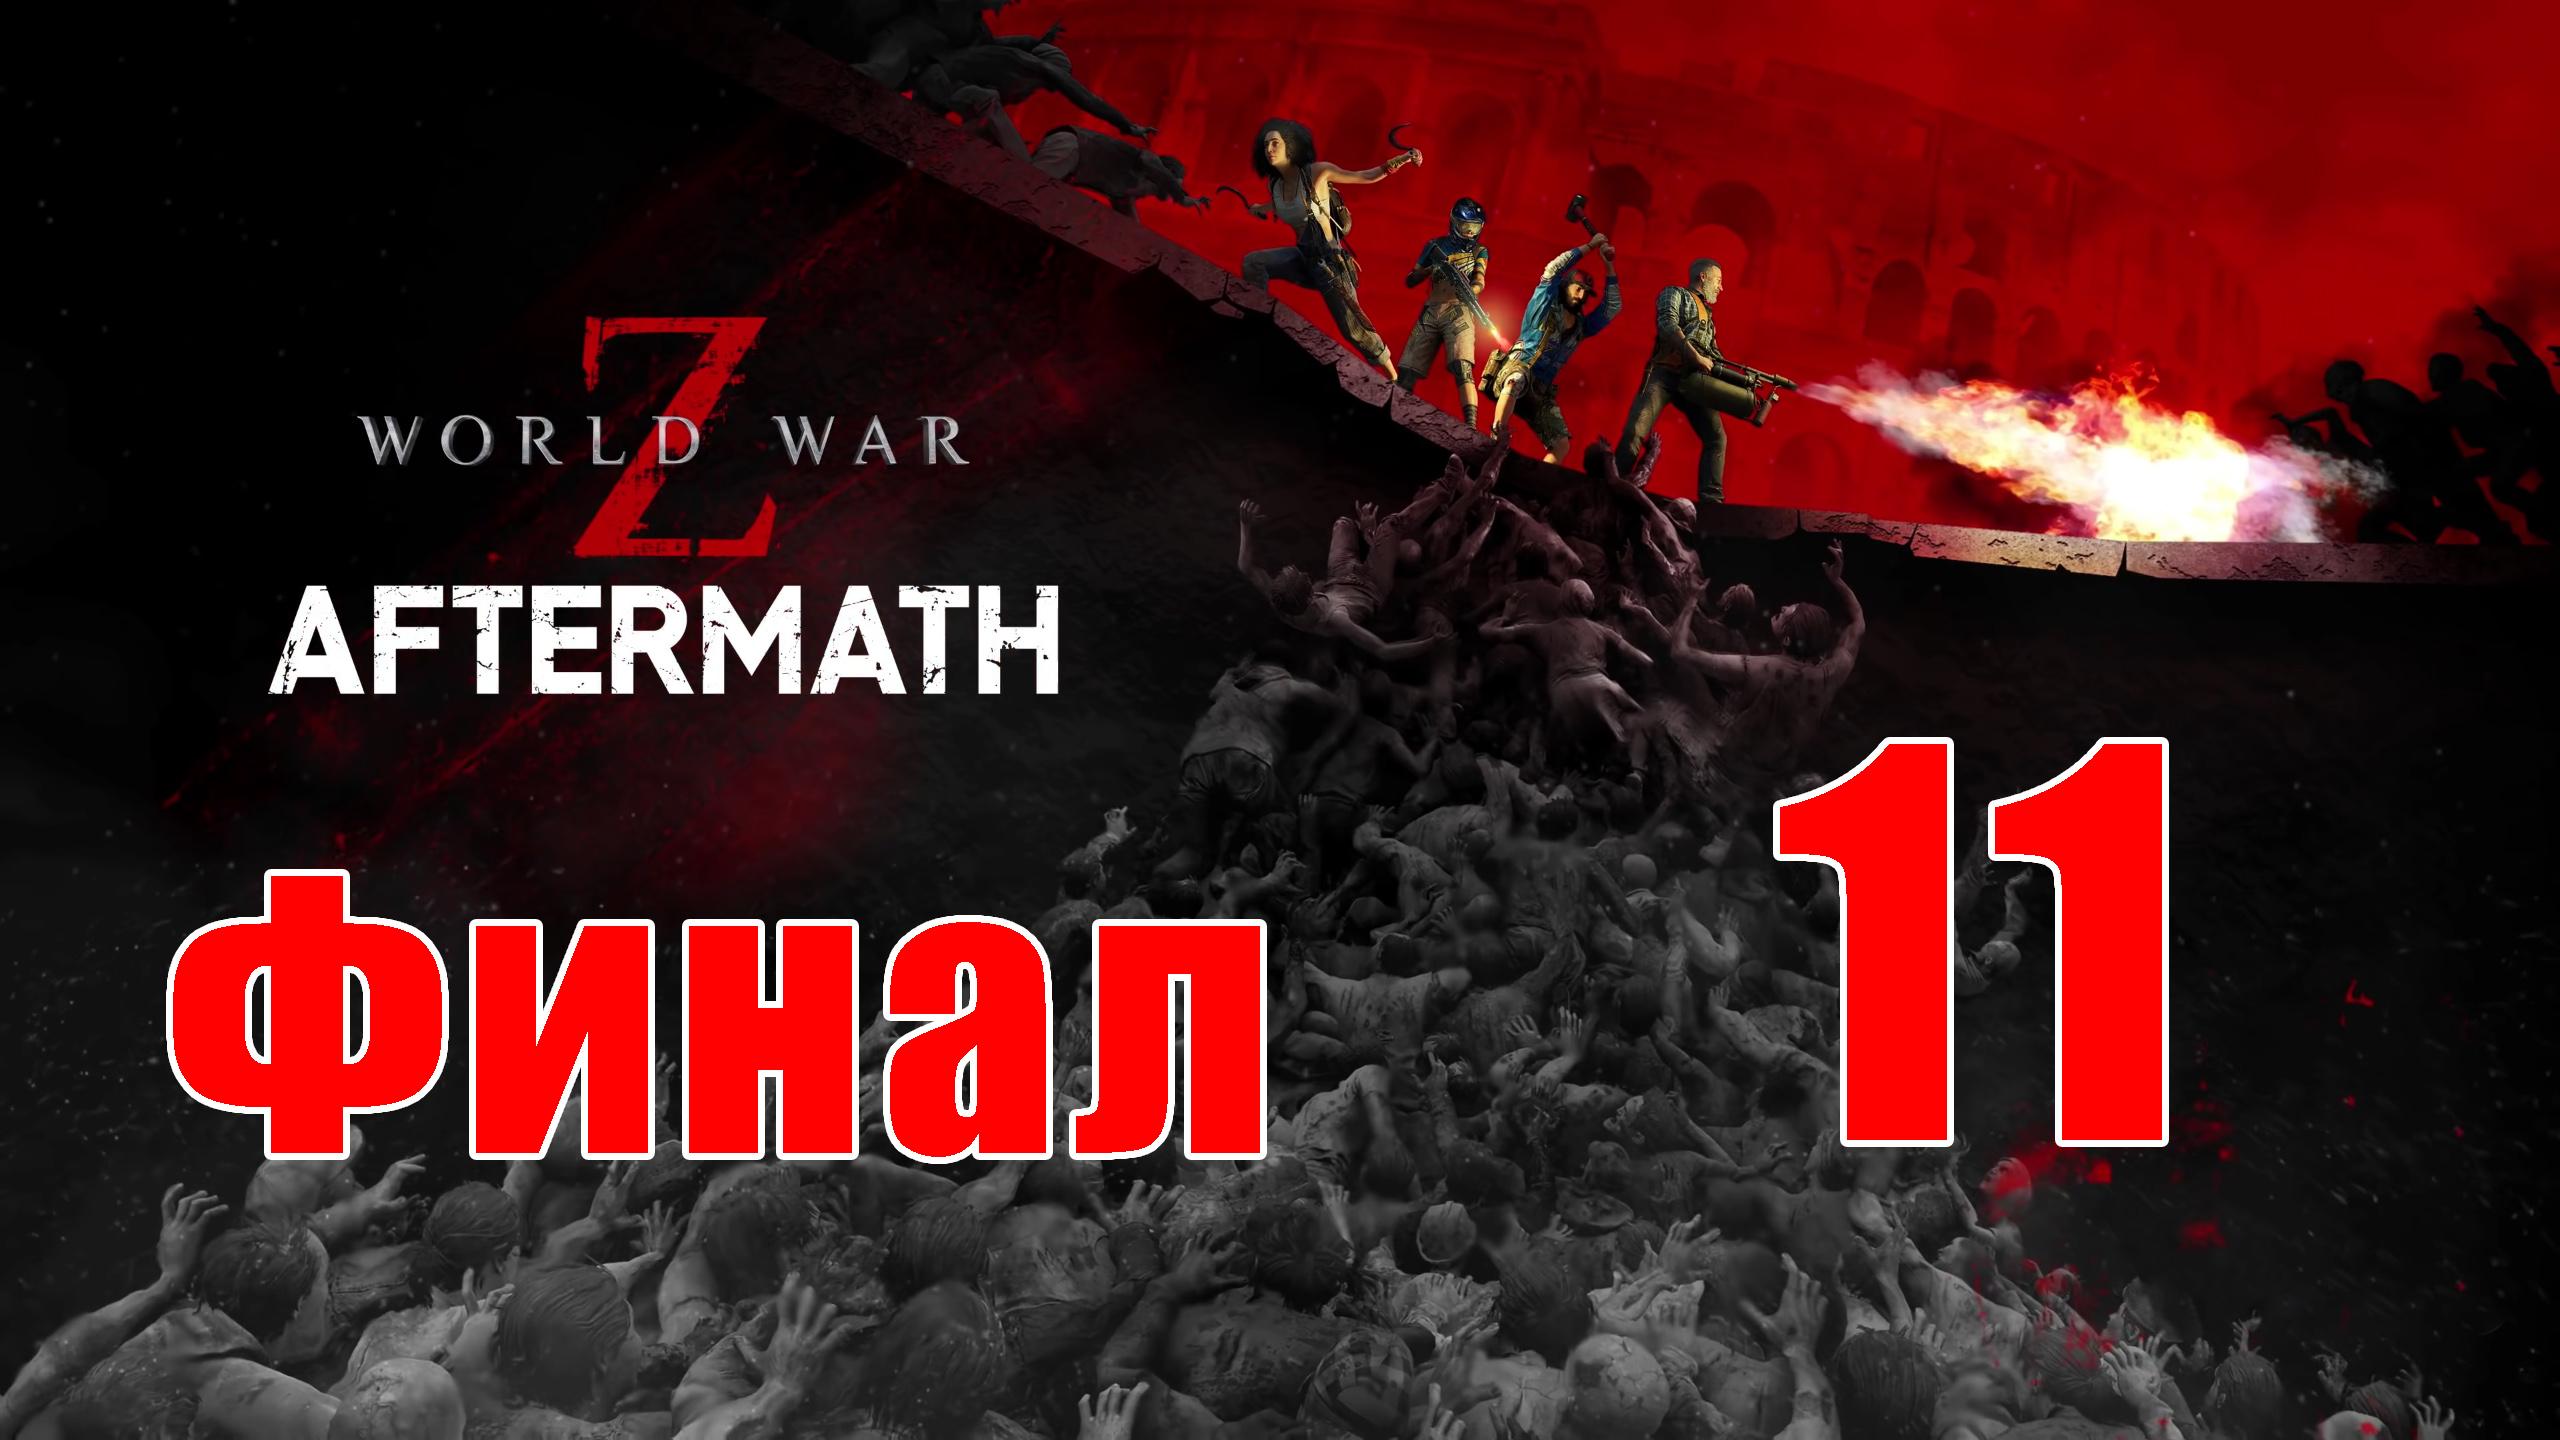 ФИНАЛ - КАМЧАТКА ➤ World War Z Aftermath - на ПК ➤ Прохождение # 11 ➤ 2K ➤